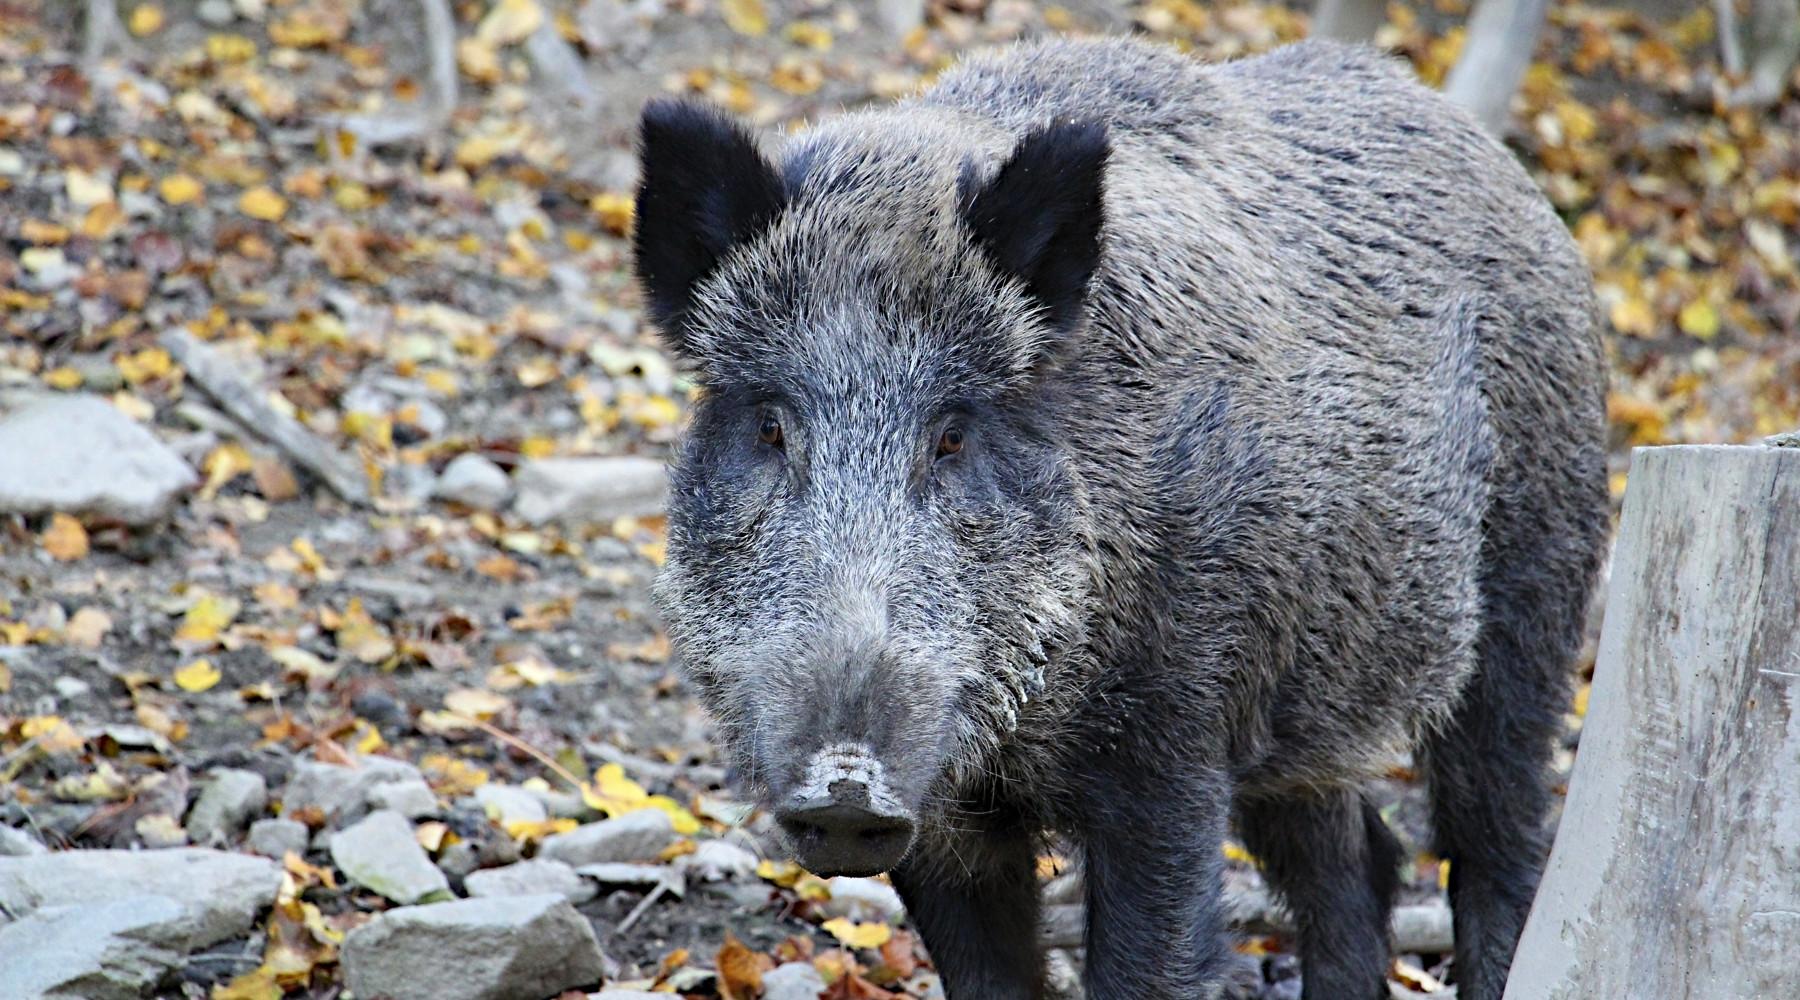 Risarcimento danni da fauna selvatica: cinghiale nella foresta